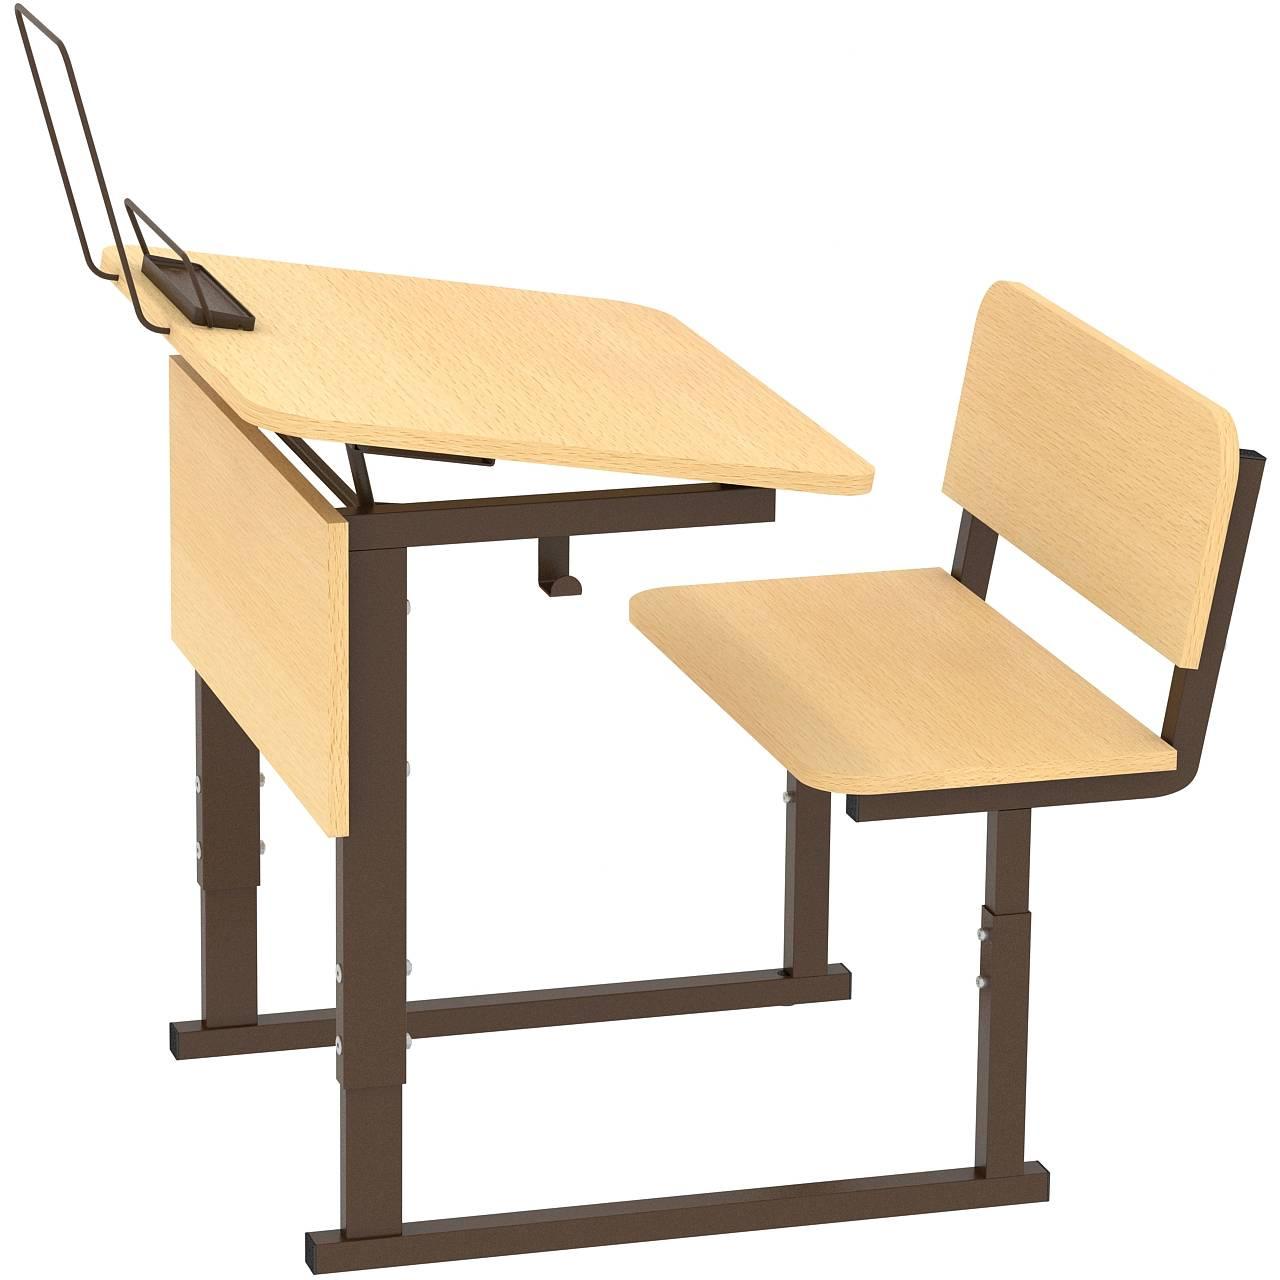 Парта ученическая 1-местная регулируемая по высоте и наклону столешницы 0-10° 2-4, 3-5 или 4-6 гр. коричневый Клен 3-5 Меламин